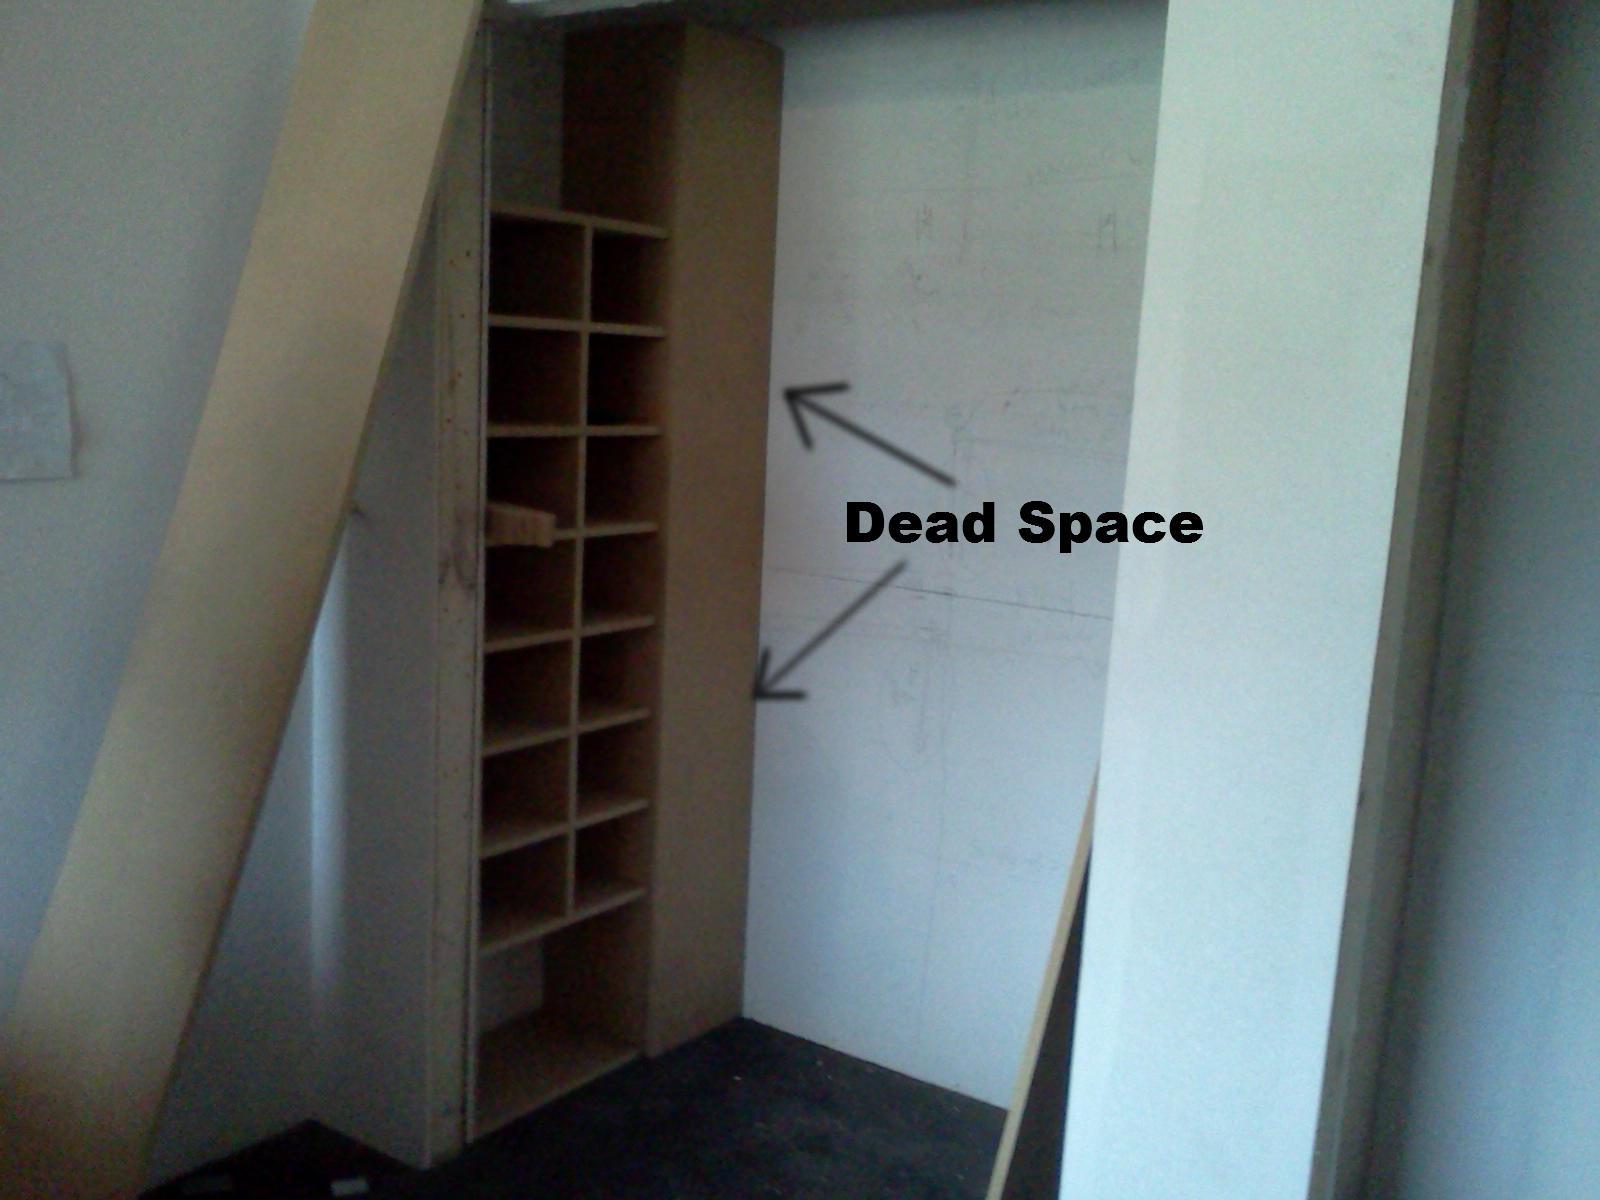 Closet ideas renov8z - Closets designs small spaces design ...